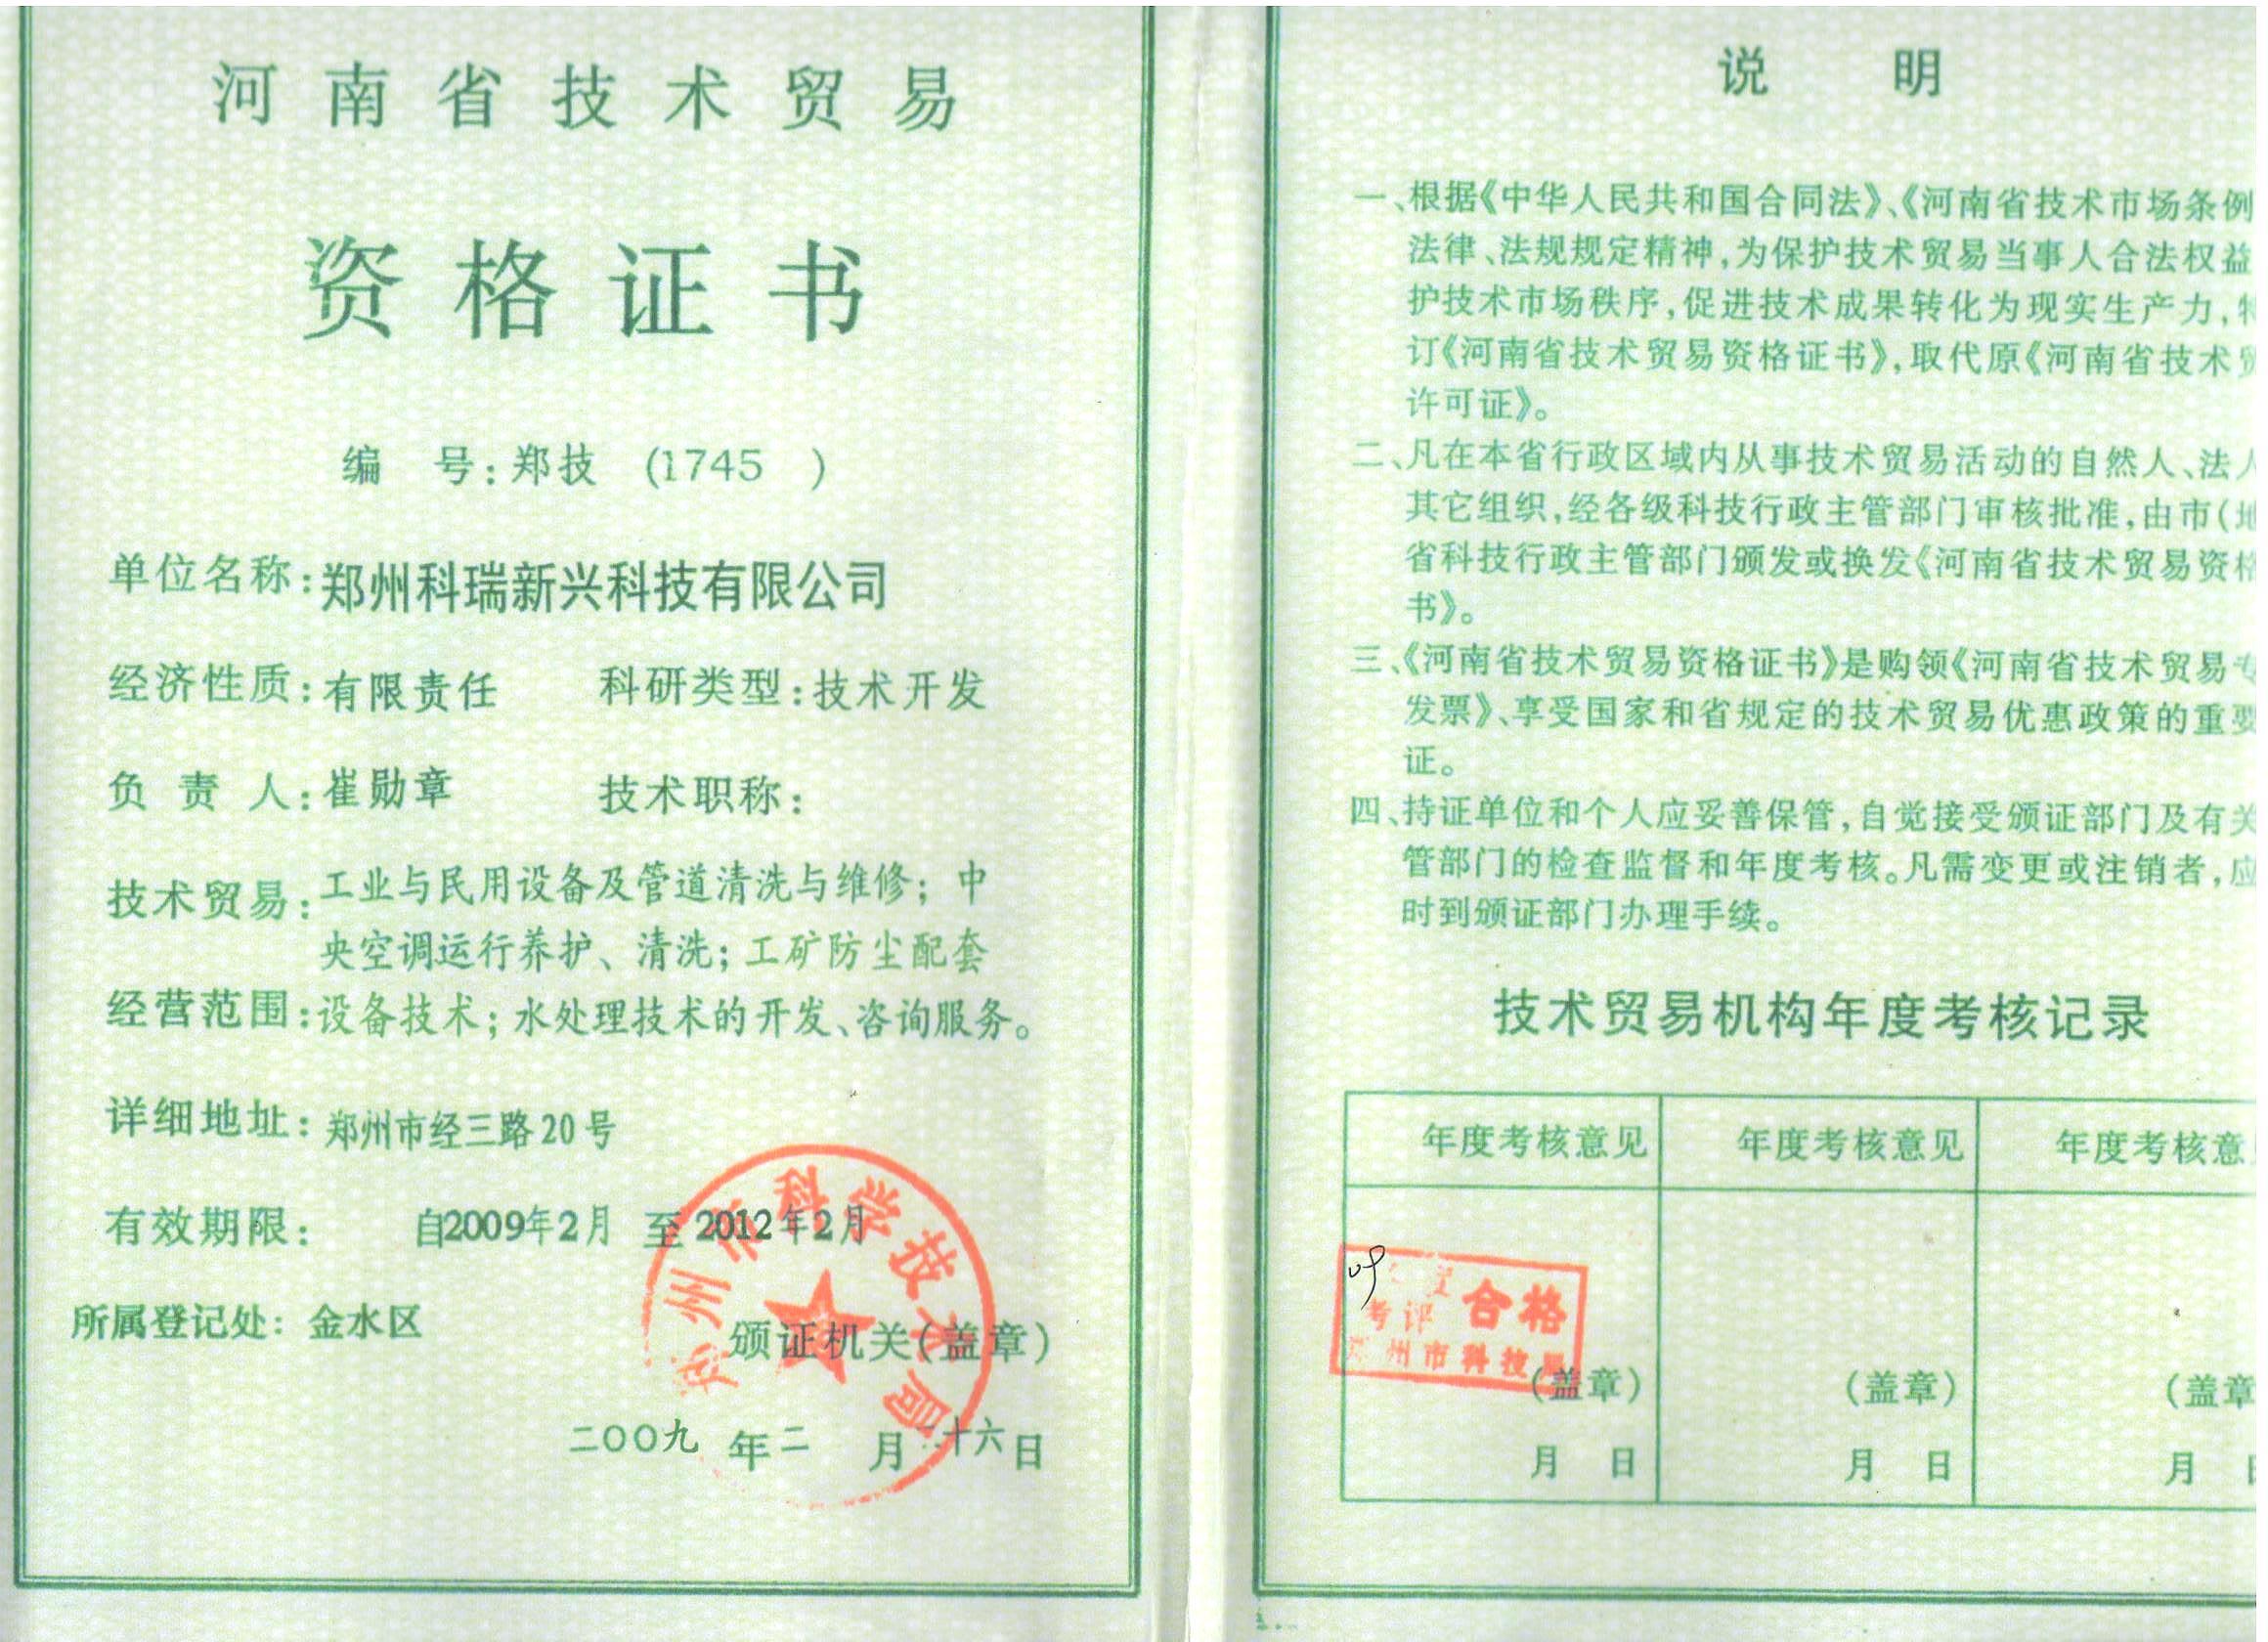 技术资格�y.i_技术贸易资格证